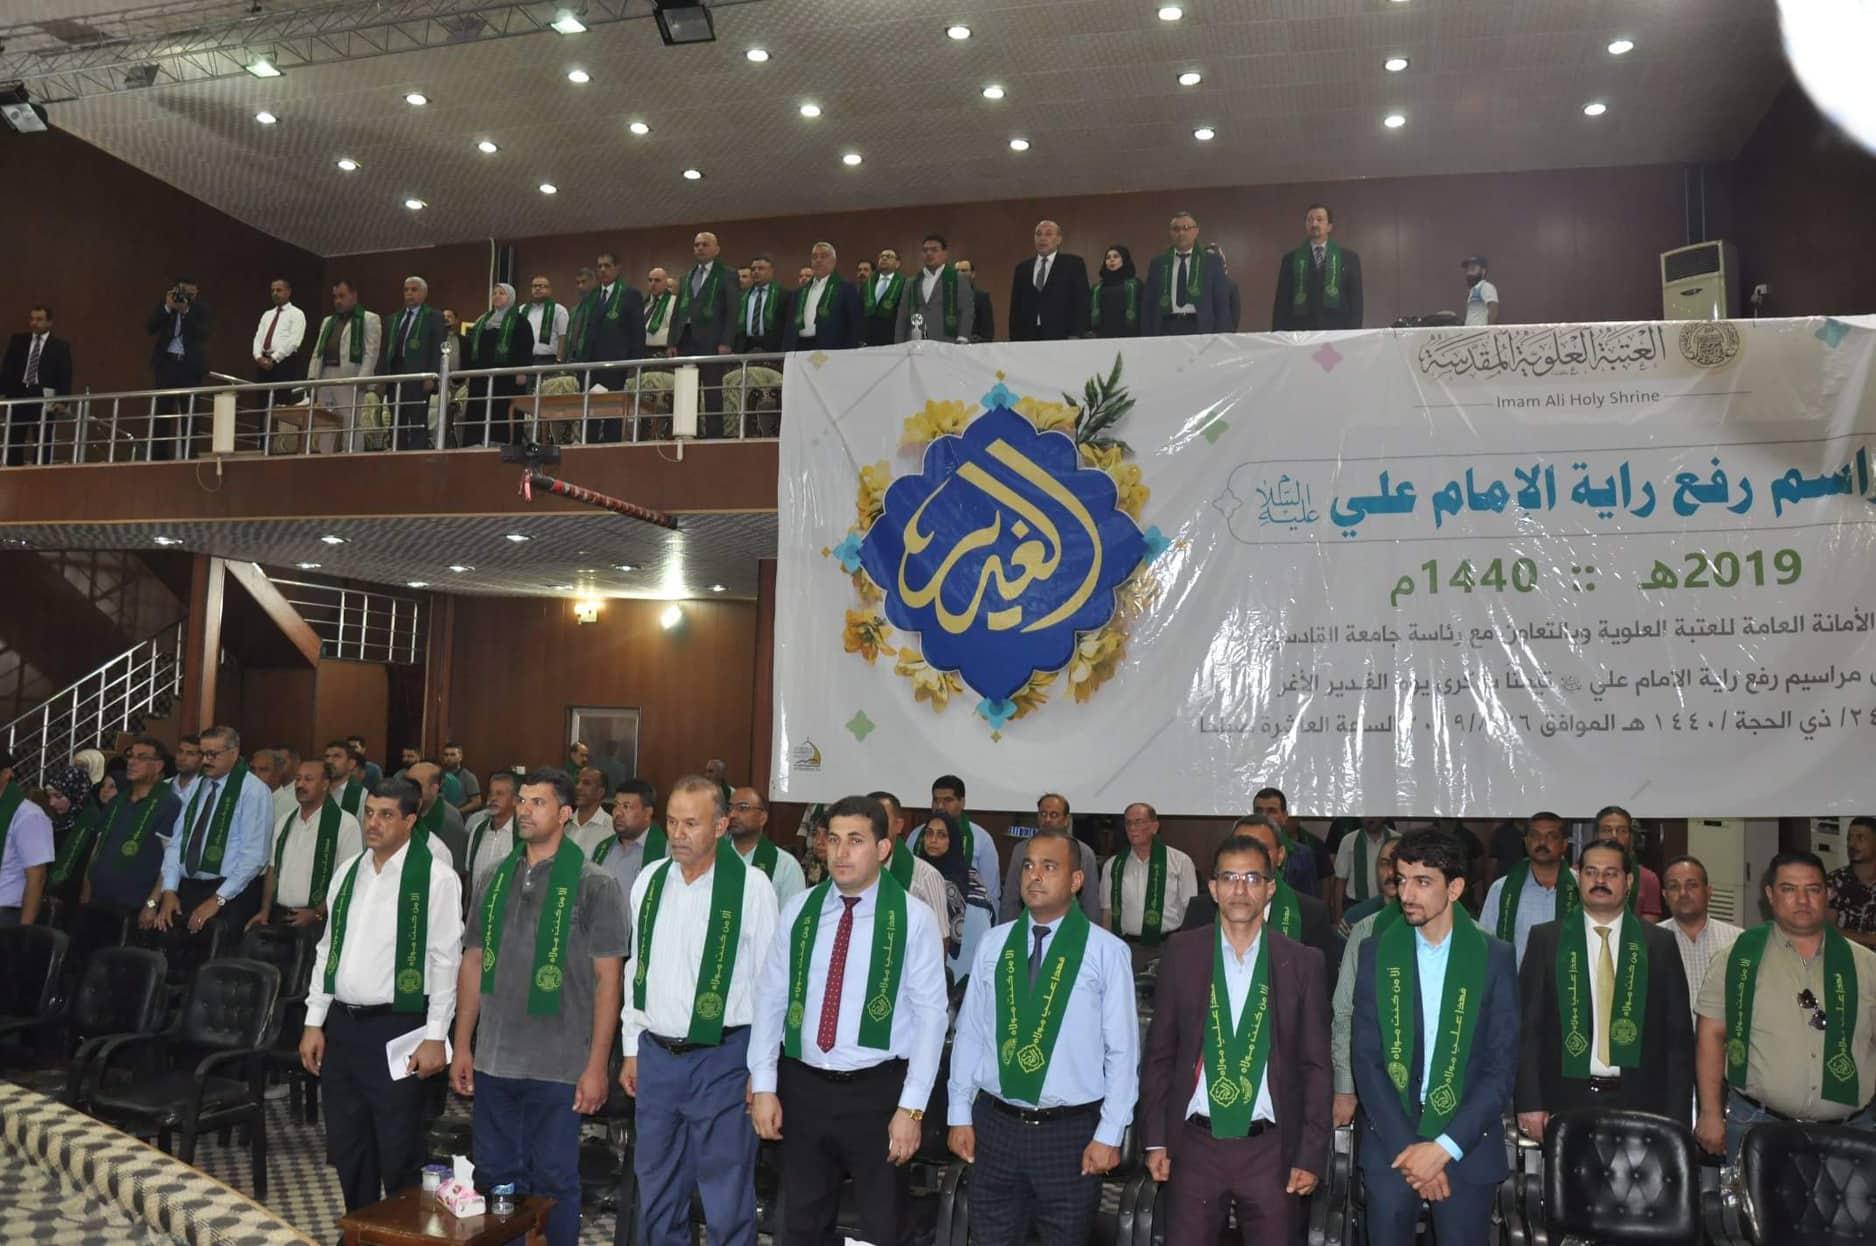 كلية الهندسة تحتضن مراسيم رفع راية الامام علي عليه السلام